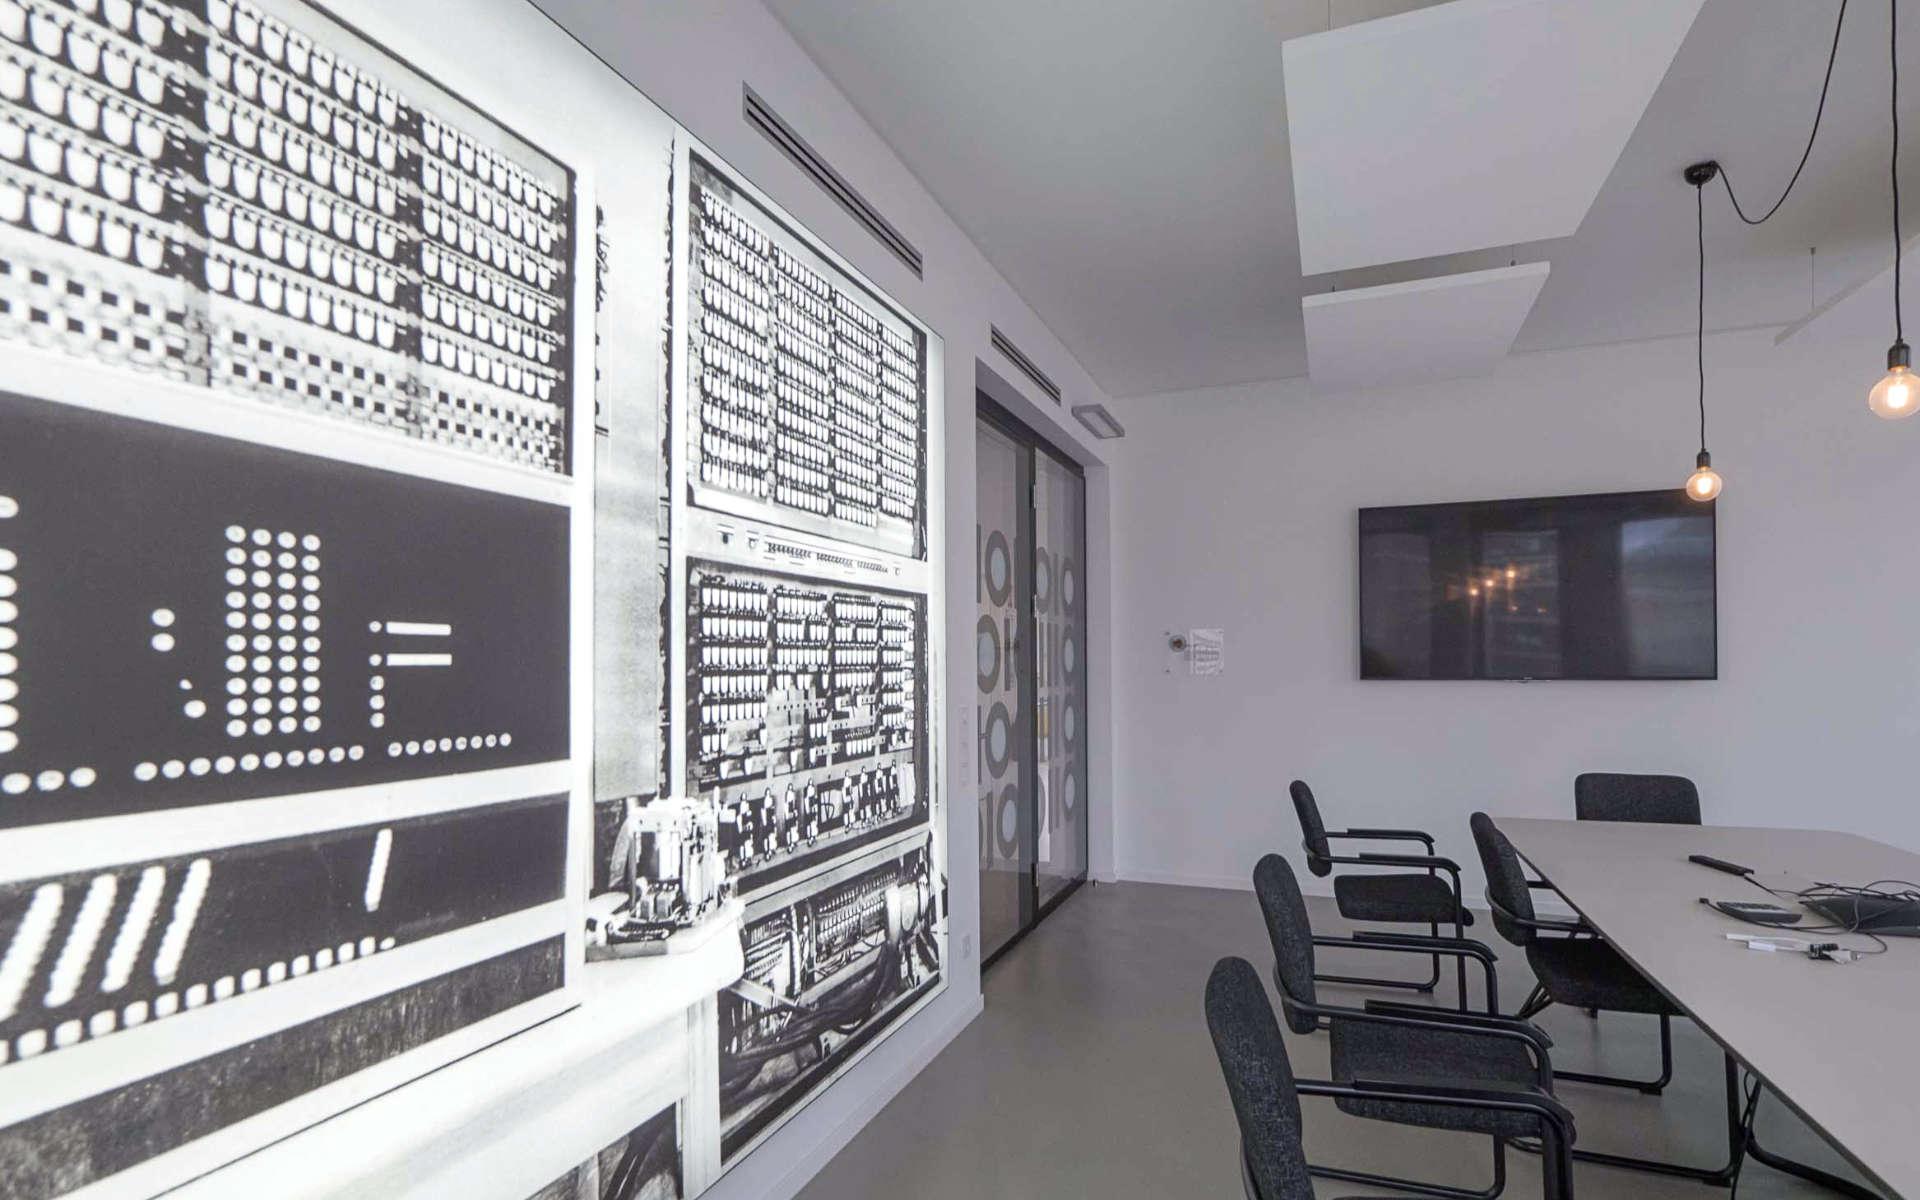 Dimmbarer Leuchtkasten in einem Konferenzraum von DDB Hamburg